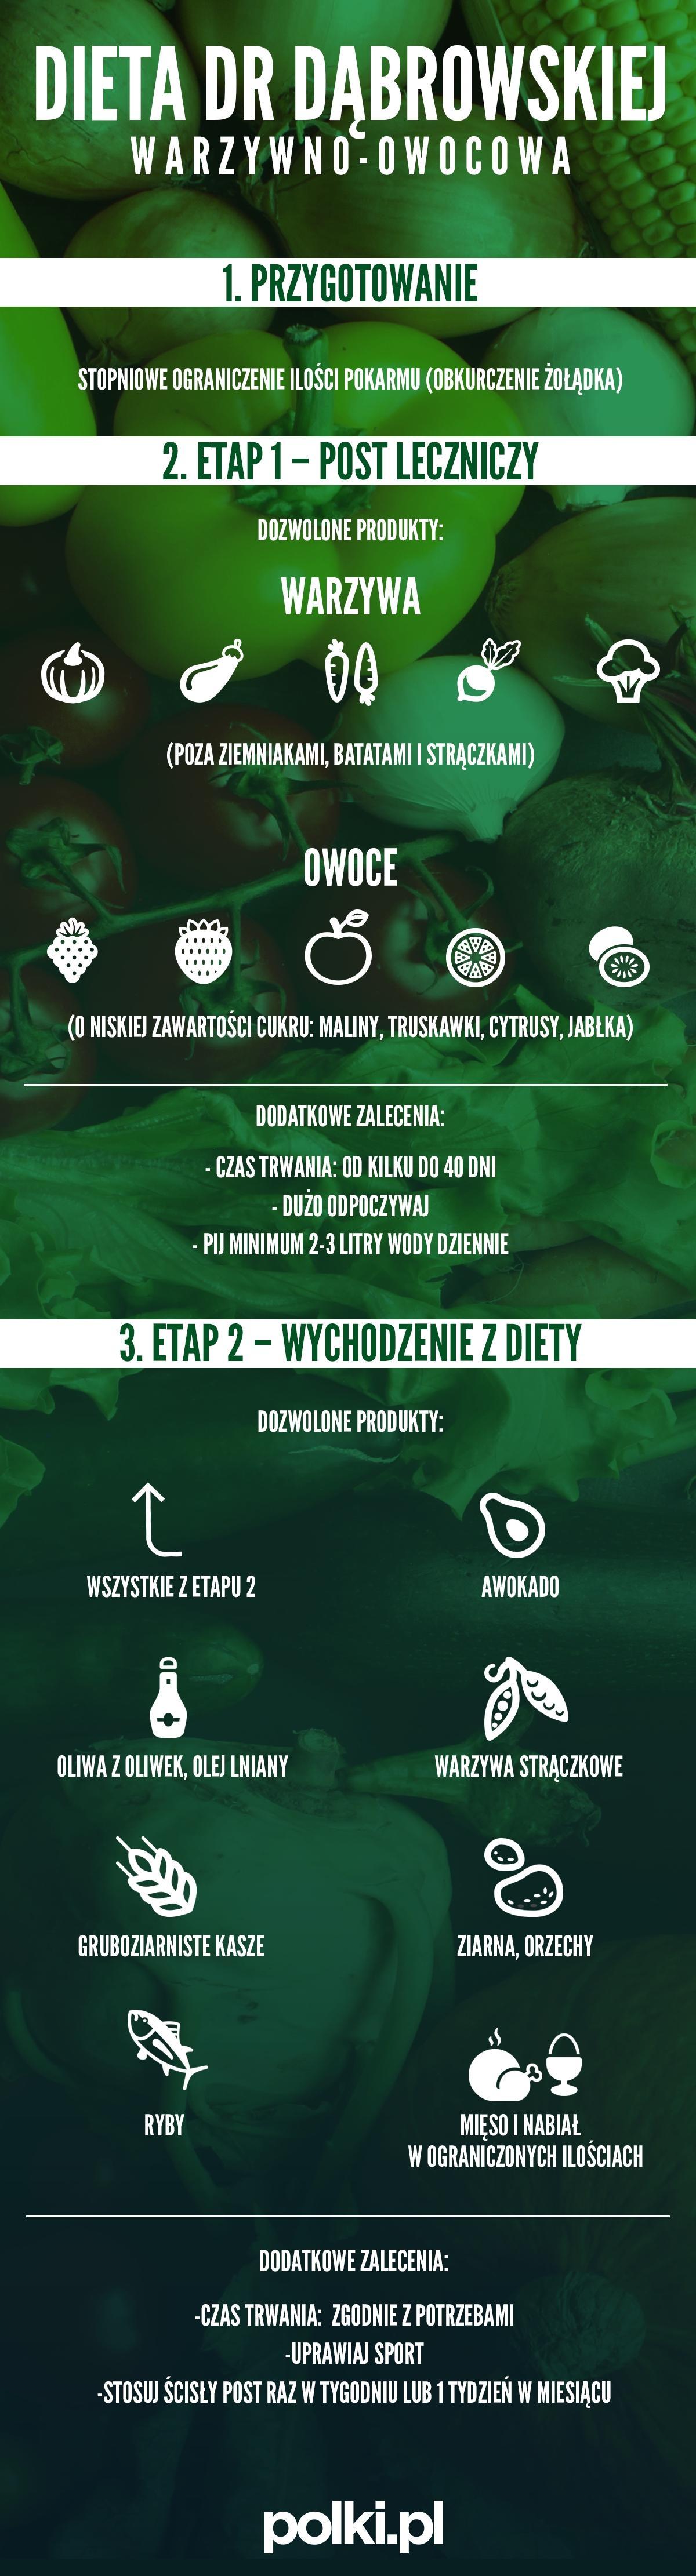 Dieta dr Dąbrowskiej - zasady diety - infografika